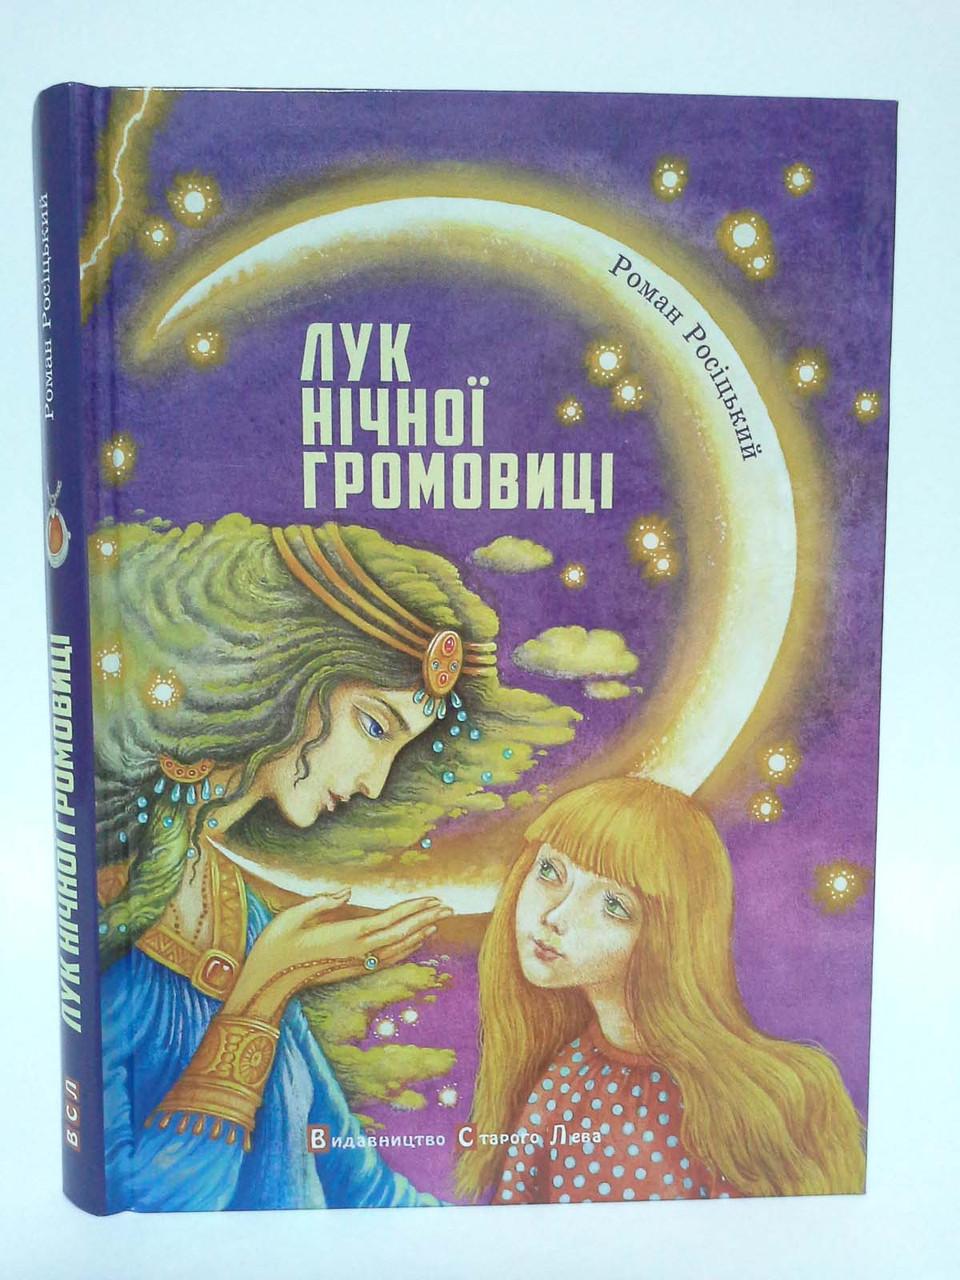 Цибуля нічної громовиці Росіцький Видавництво Старого Лева